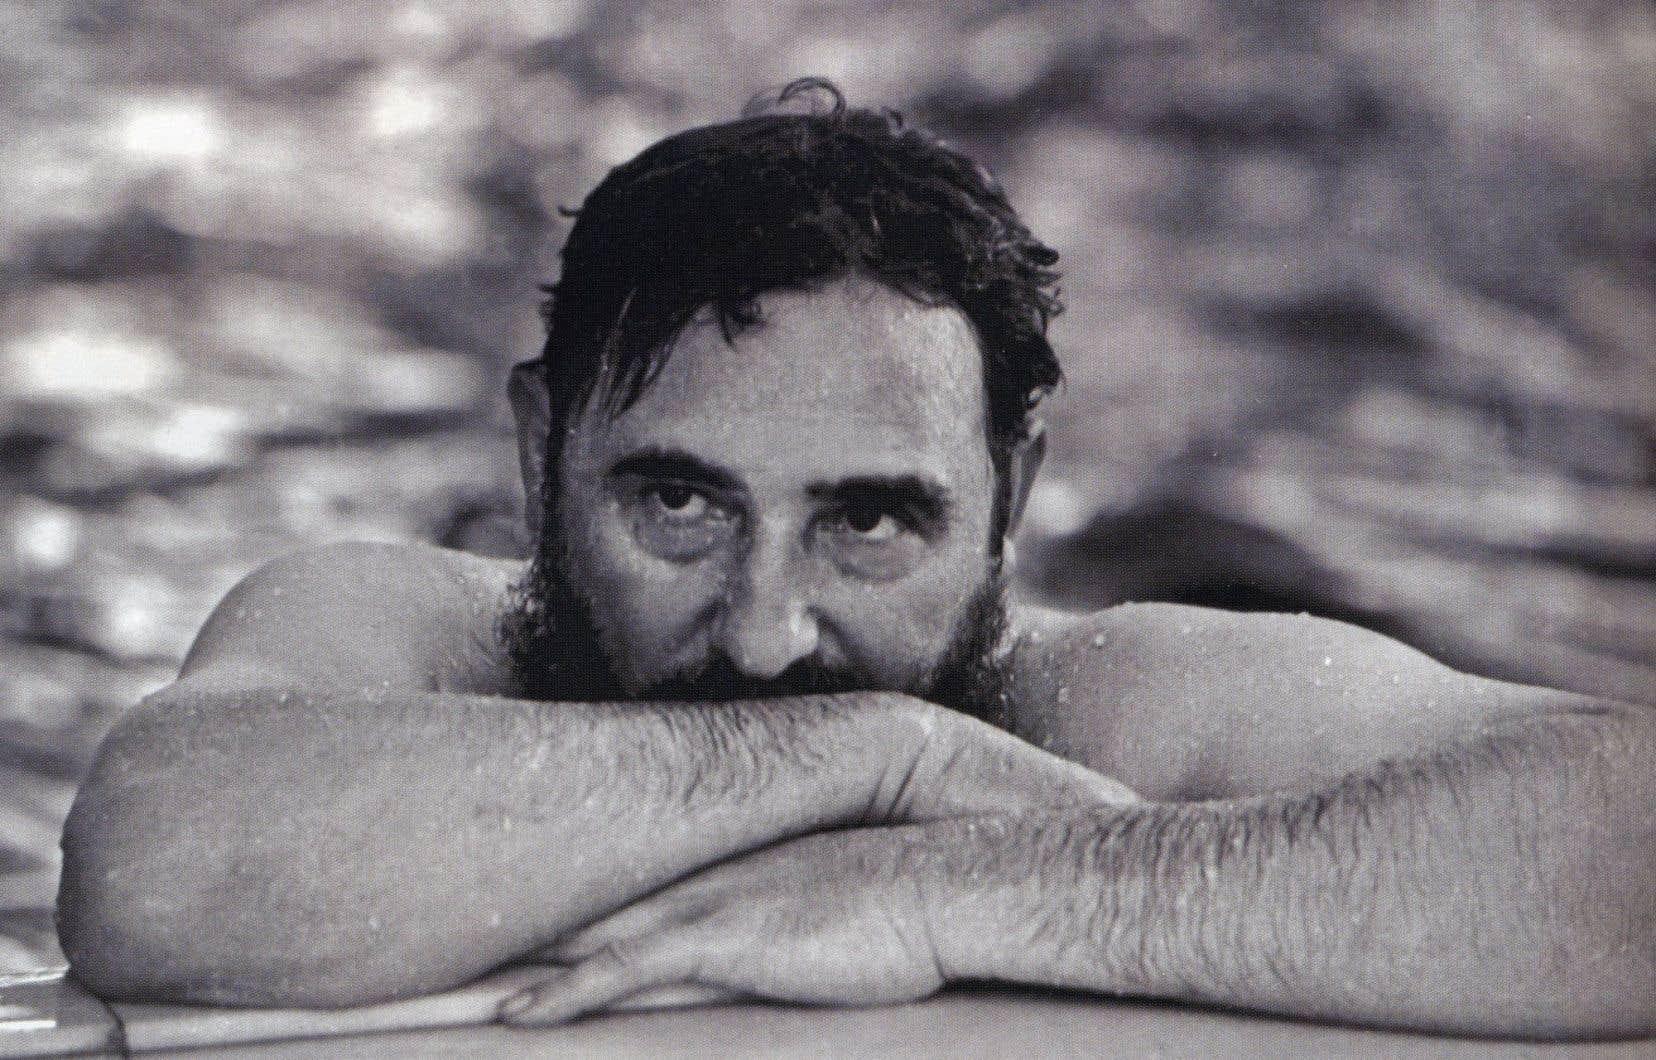 Moment de détente en pleine guerre froide. Fidel Castro «réfléchit sans doute aux conséquences de l'embargo américain», écrivent les auteurs.